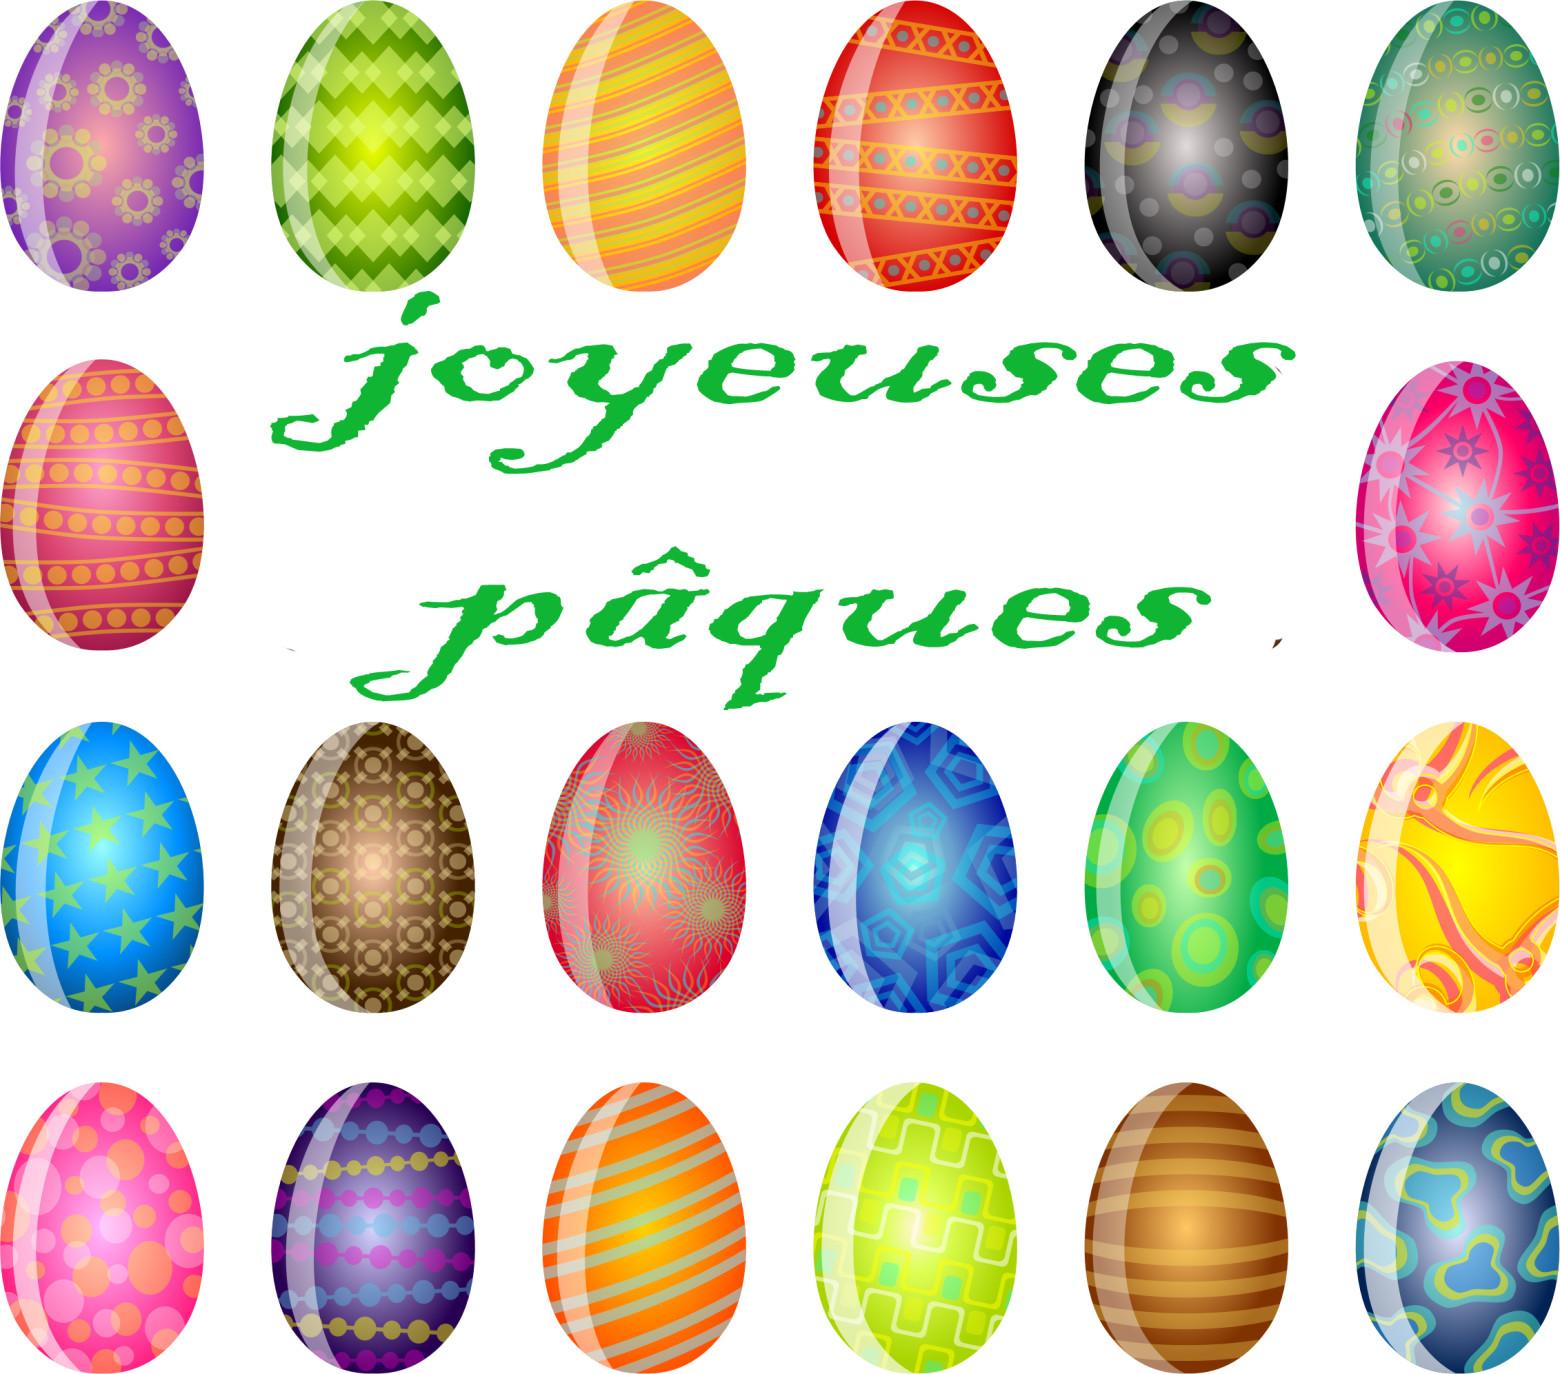 Cartes de voeux gratuites p ques images gratuites et - Images gratuites de joyeuses paques ...